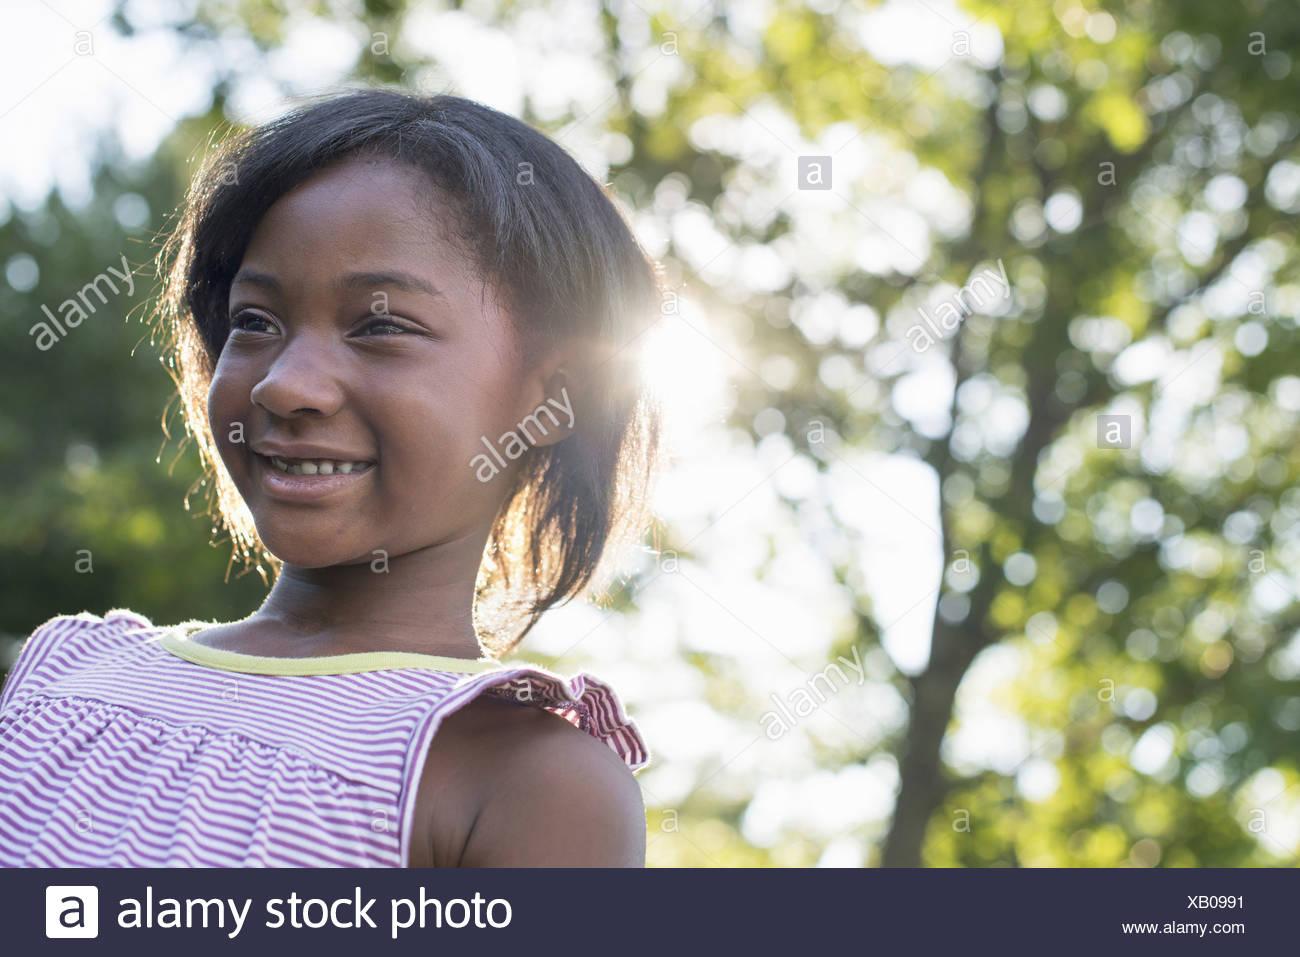 Une jeune fille aux cheveux courts dans une robe à rayures smiling Photo Stock